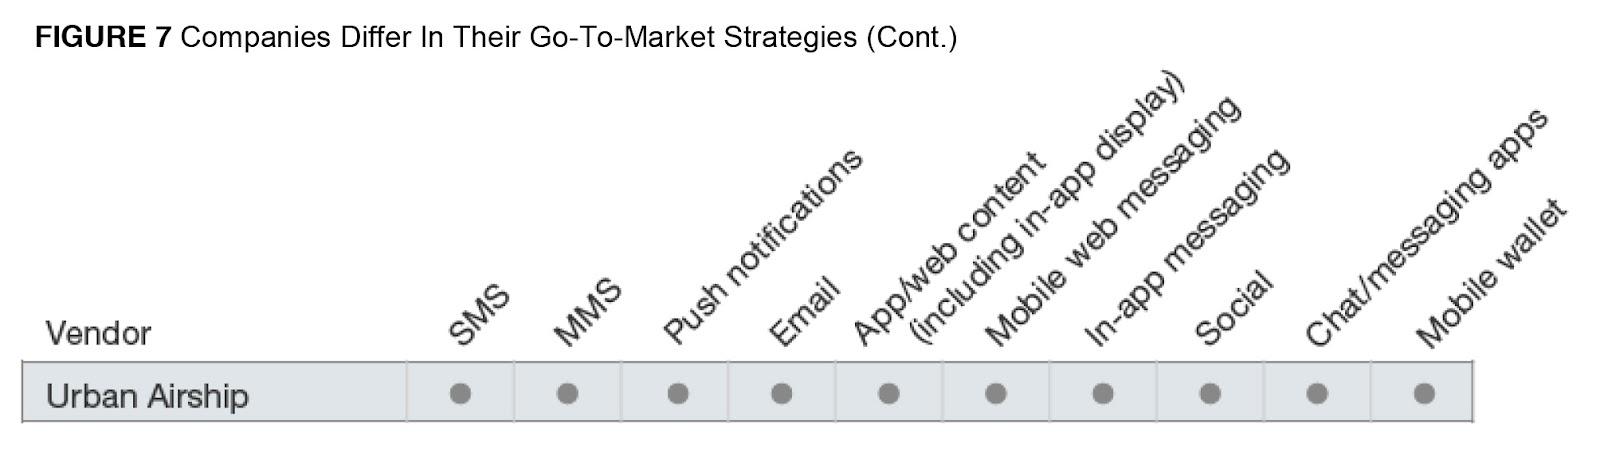 UA_Forrester-chart.jpg